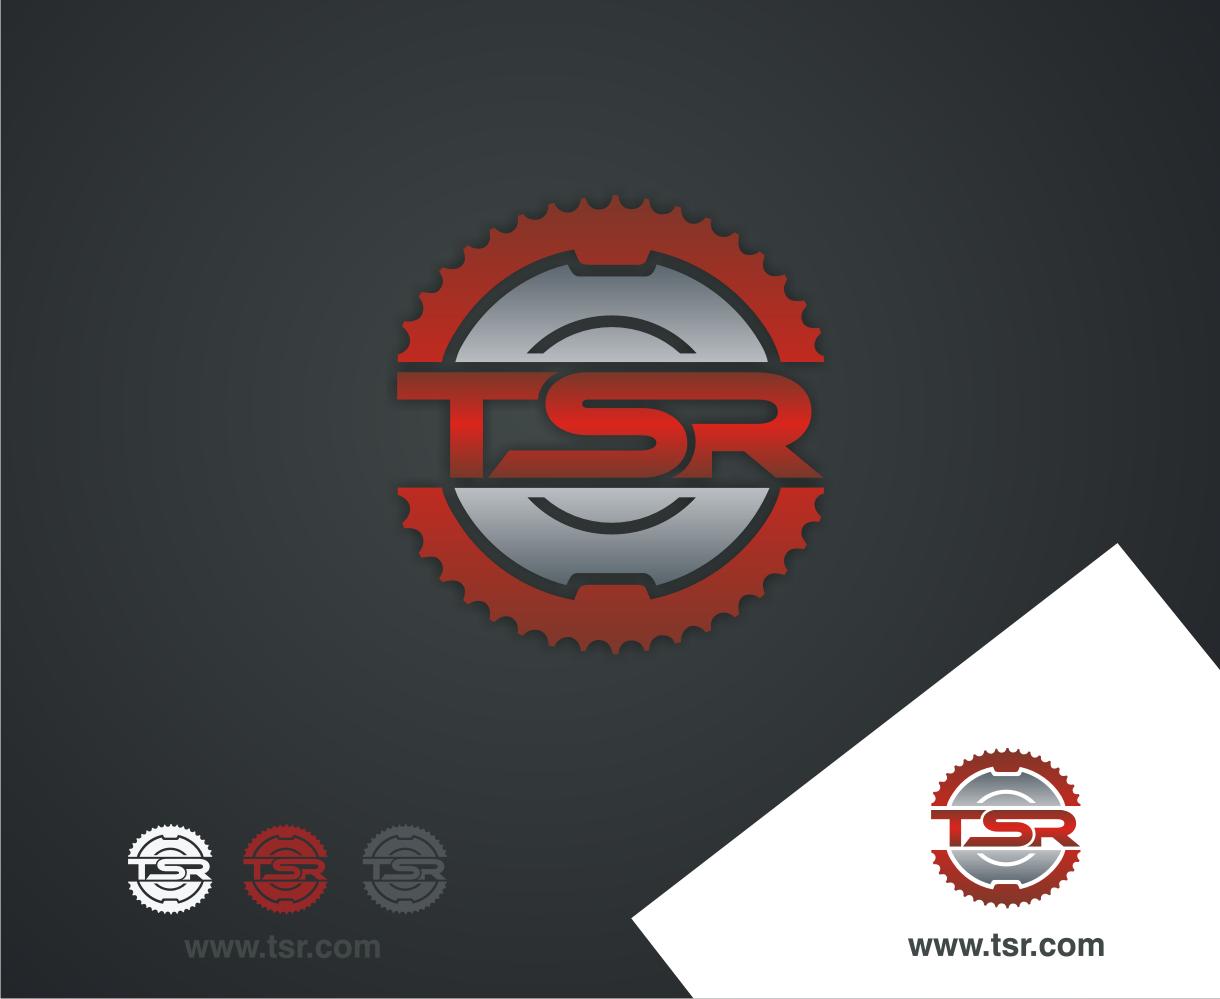 Logo Design by SonyArt - Entry No. 52 in the Logo Design Contest Creative Logo Design for TSR.